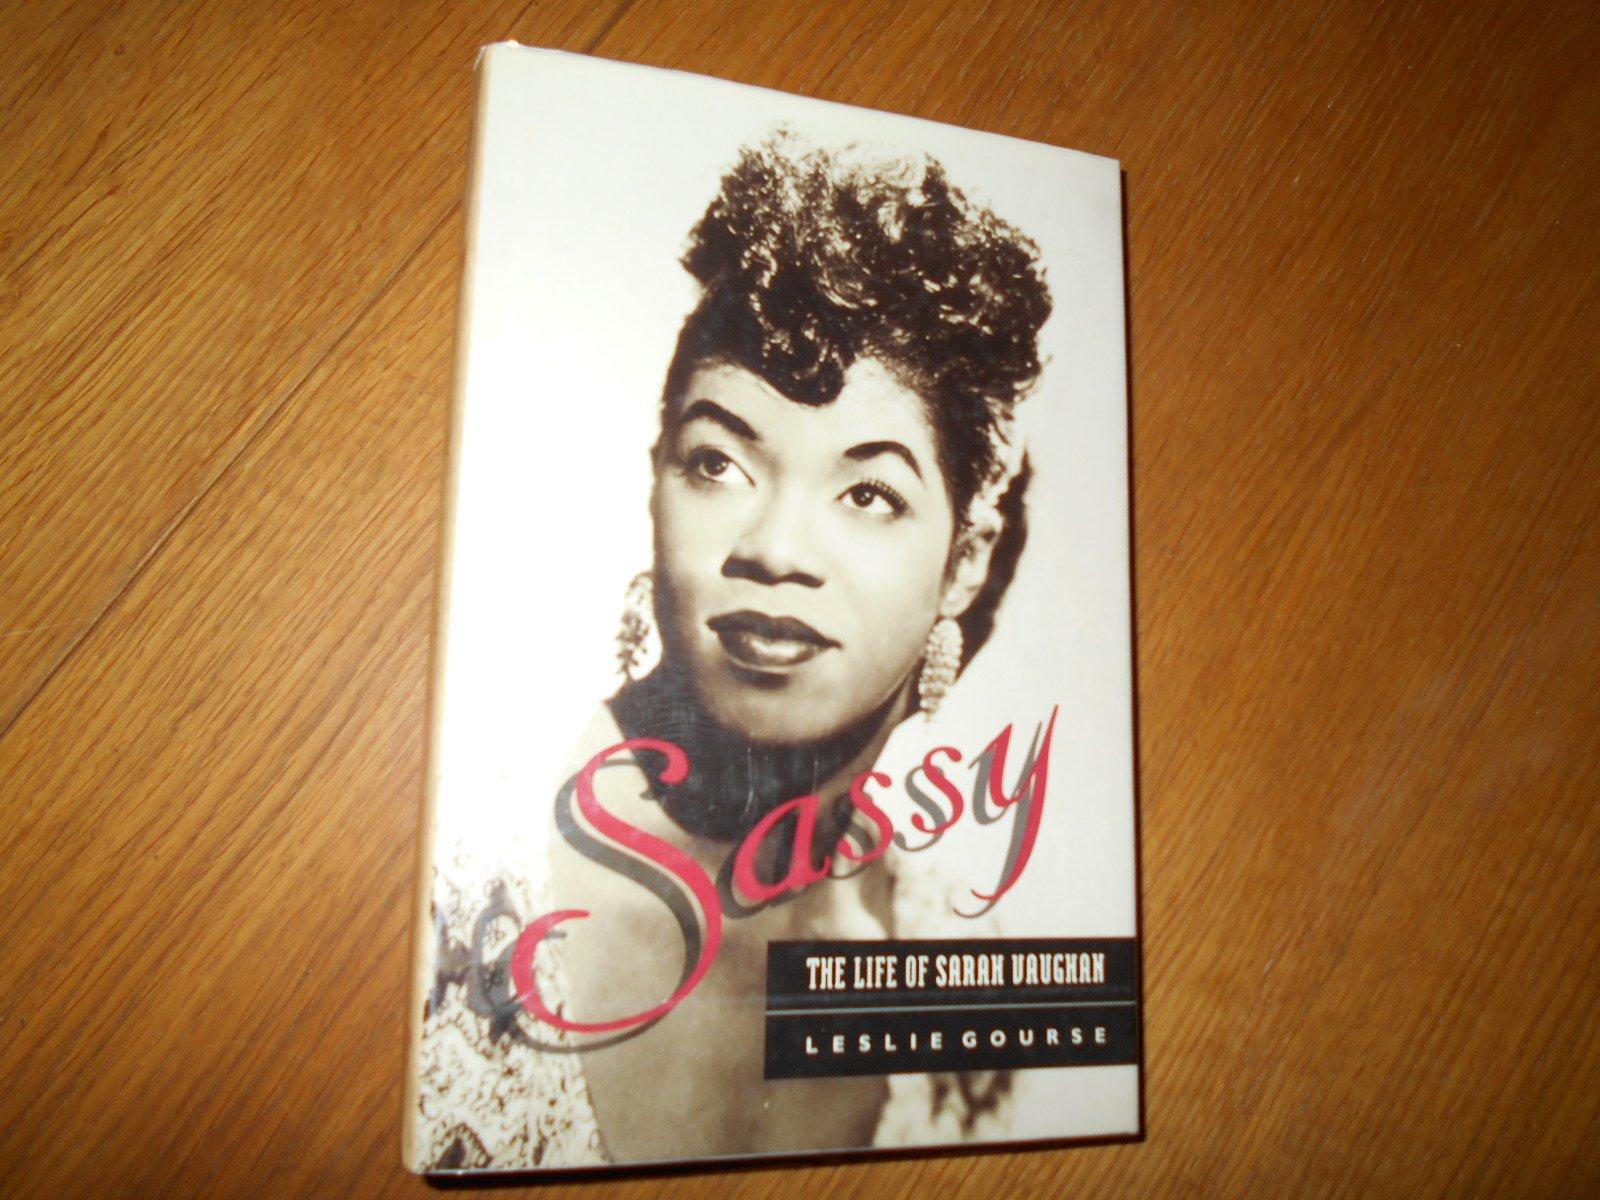 Sassy: Life of Sarah Vaughan